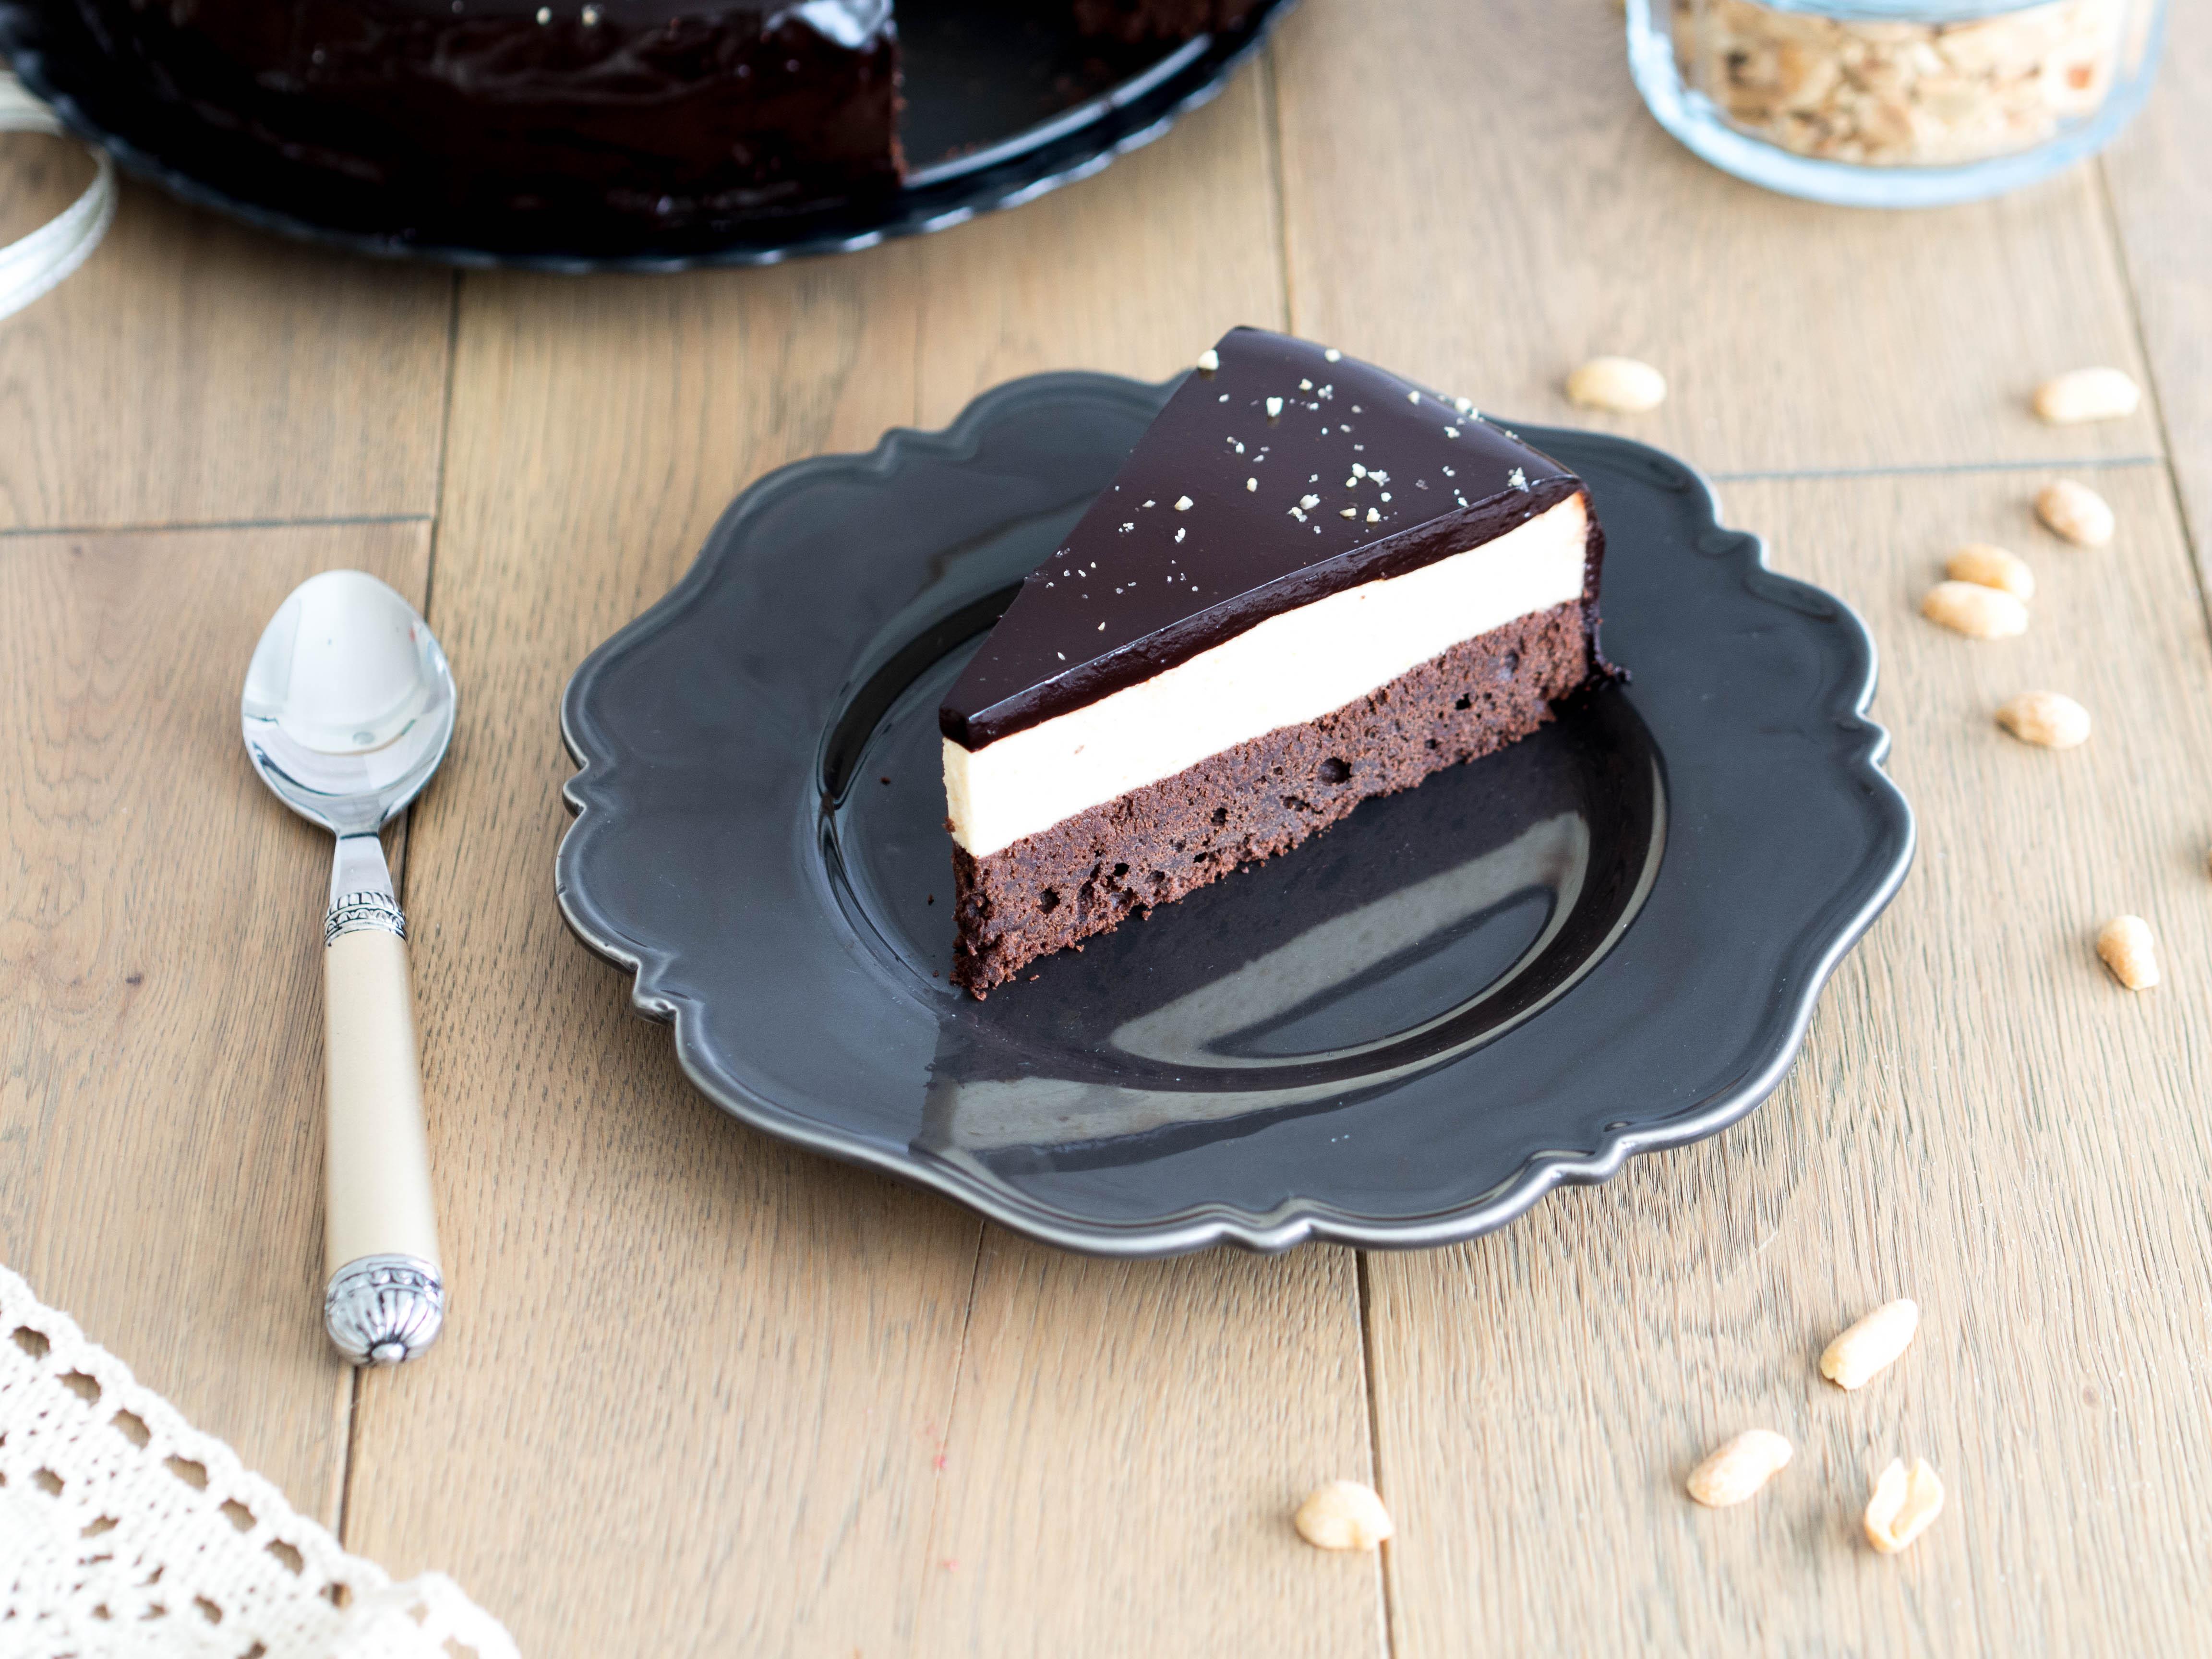 torcik czekoladowy  na czekoladowym  spodzie przełozony kremem orzechowym z błyszczącą polewą